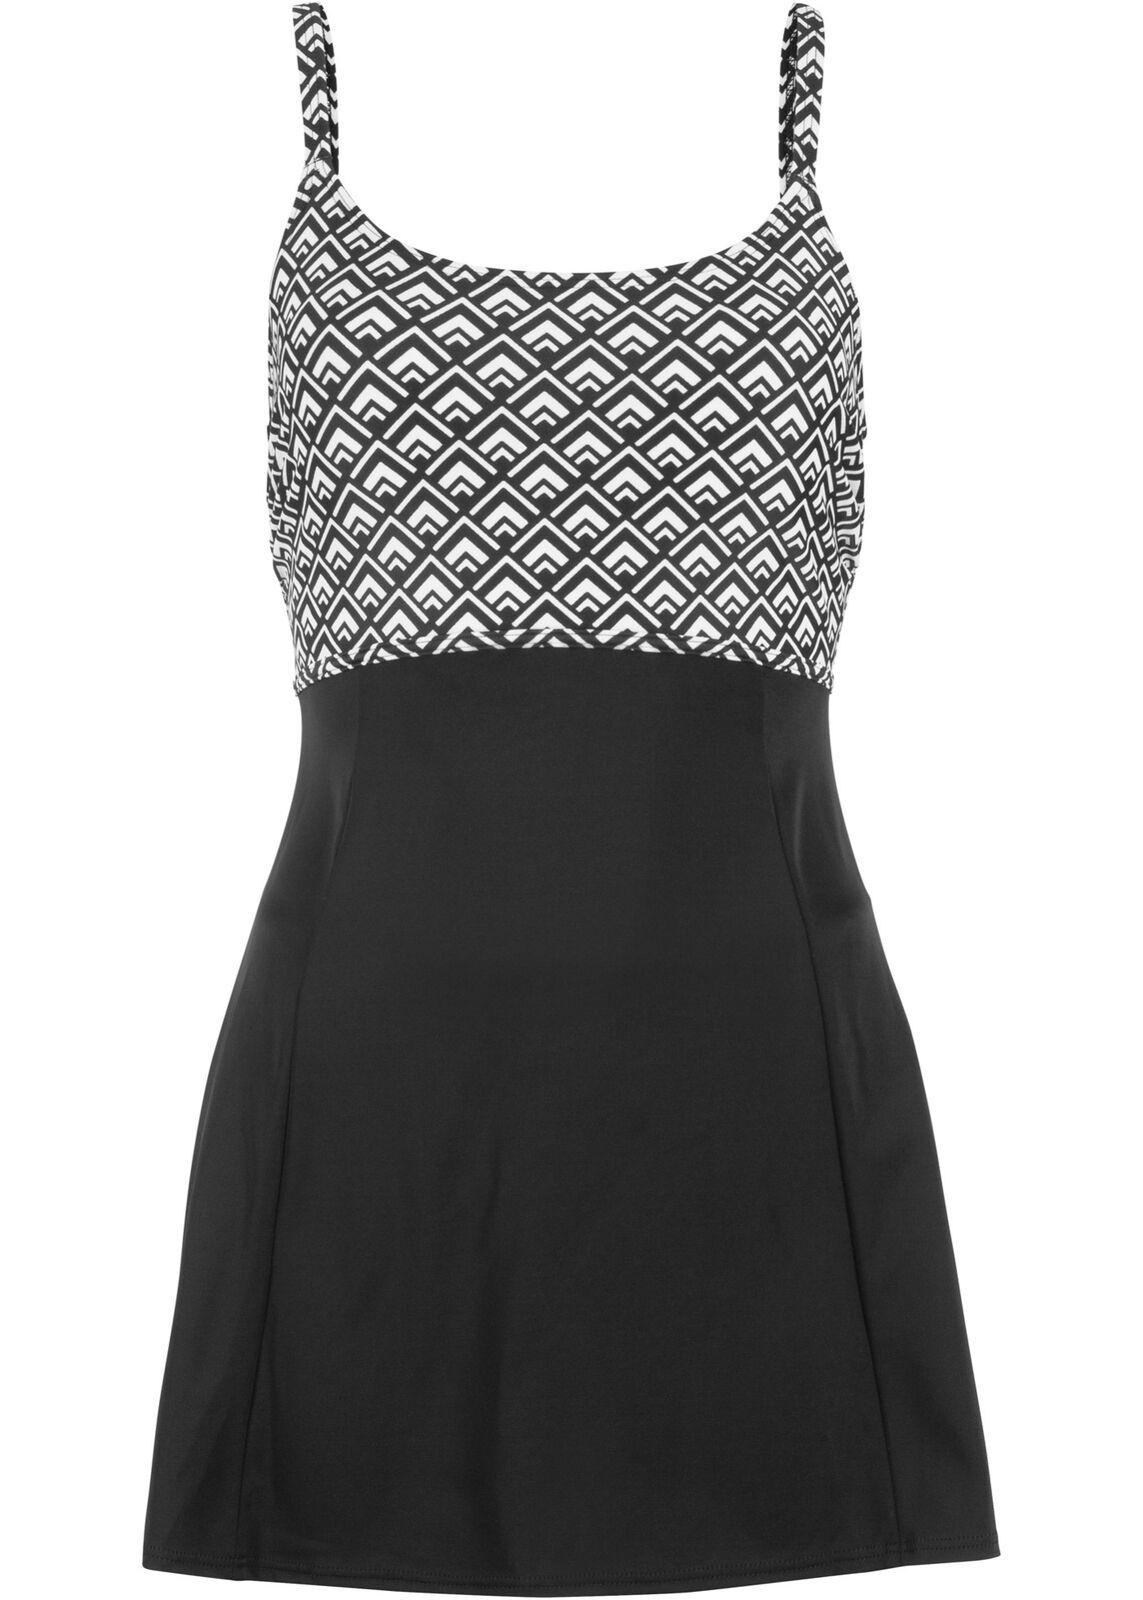 Klassisches Badekleid im schönen Design Gr. 42 Schwarz Weiß Damen Bade-Kleid Neu